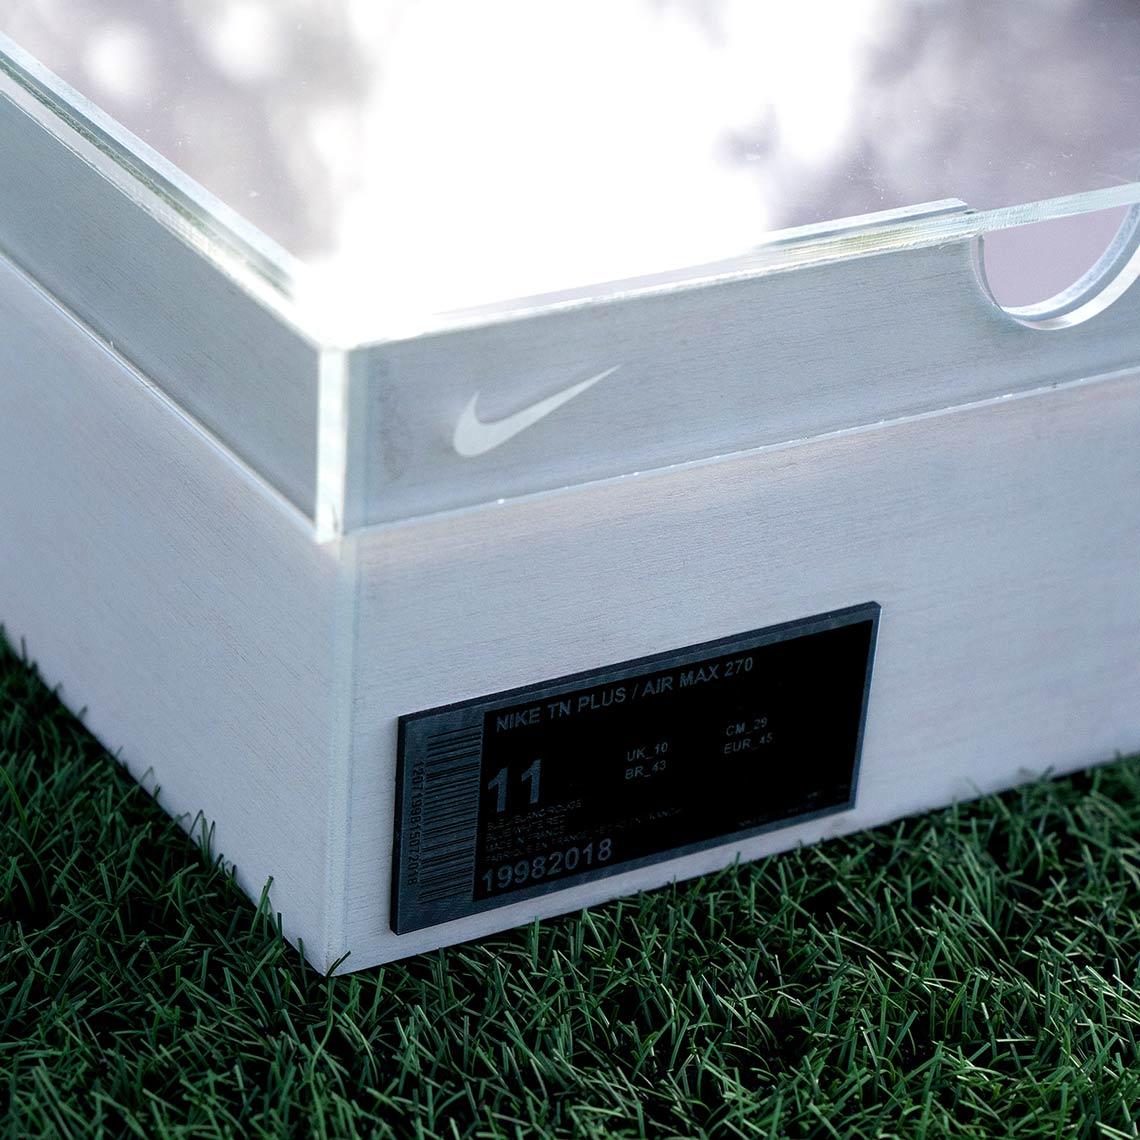 """Kylian Mbappé Nike Air Max """"1998 2018"""" Pack HYPEBEAST  HYPEBEAST"""